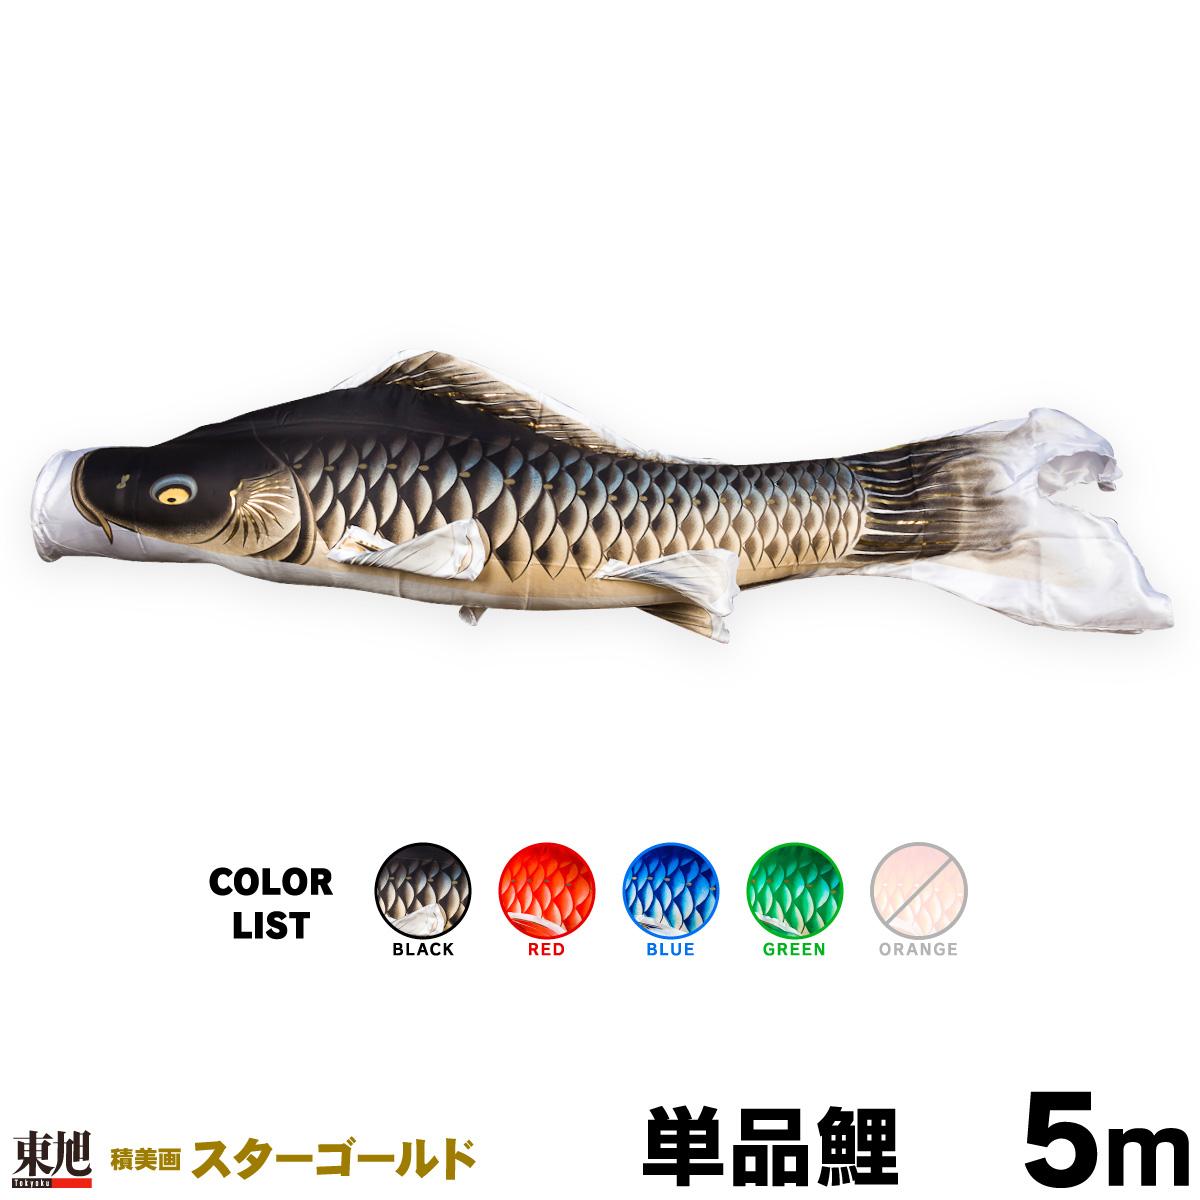 【こいのぼり 単品】 積美画スターゴールド 5m 単品鯉